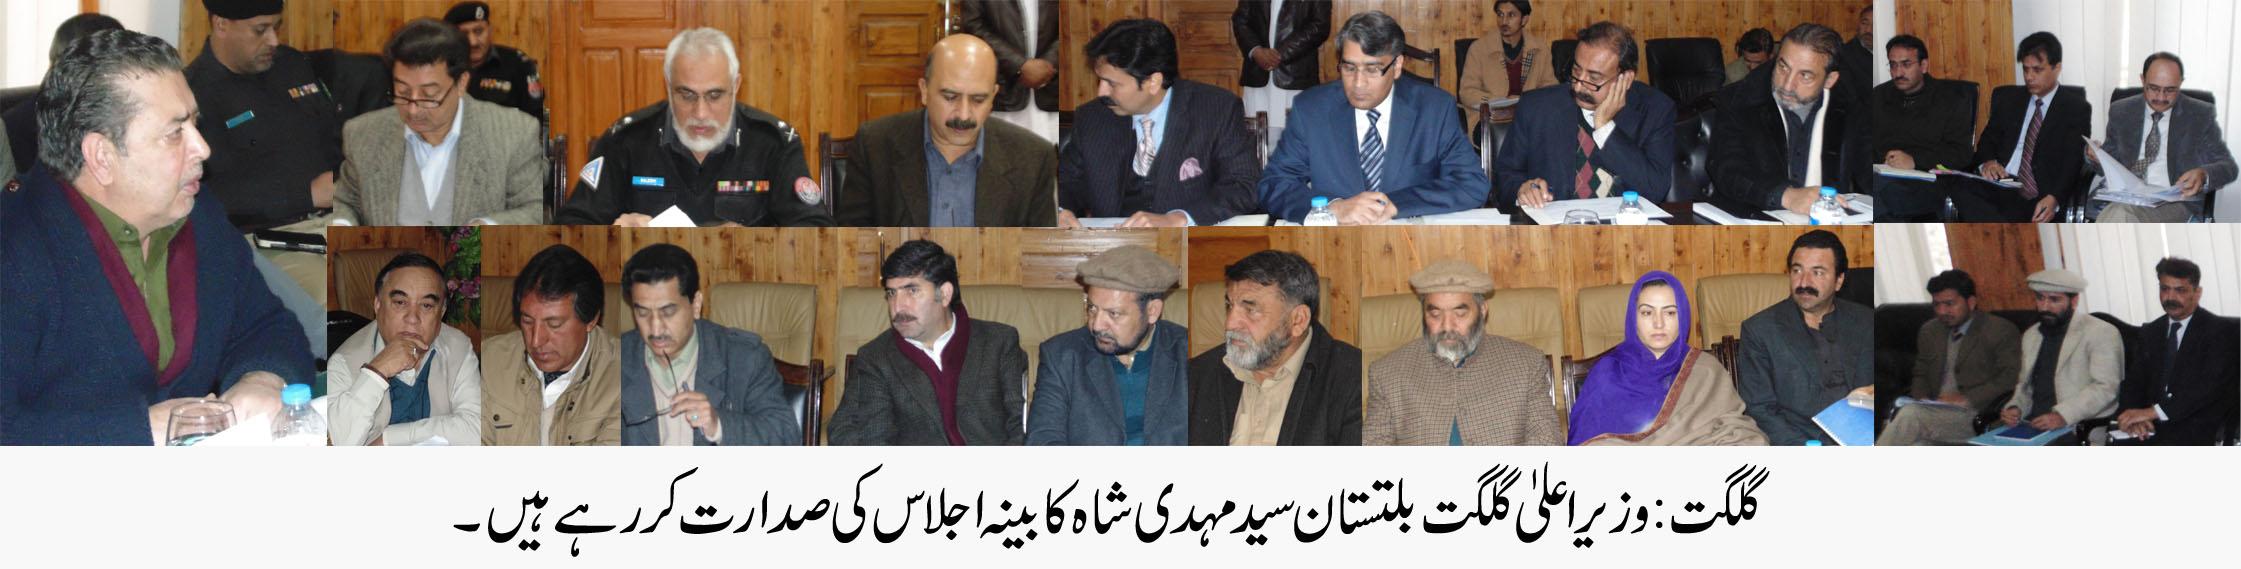 گلگت بلتستان کابینہ کا آخری اجلاس، خالی اسامیوں کو جلد از جلد مشتہر کرنے کا فیصلہ